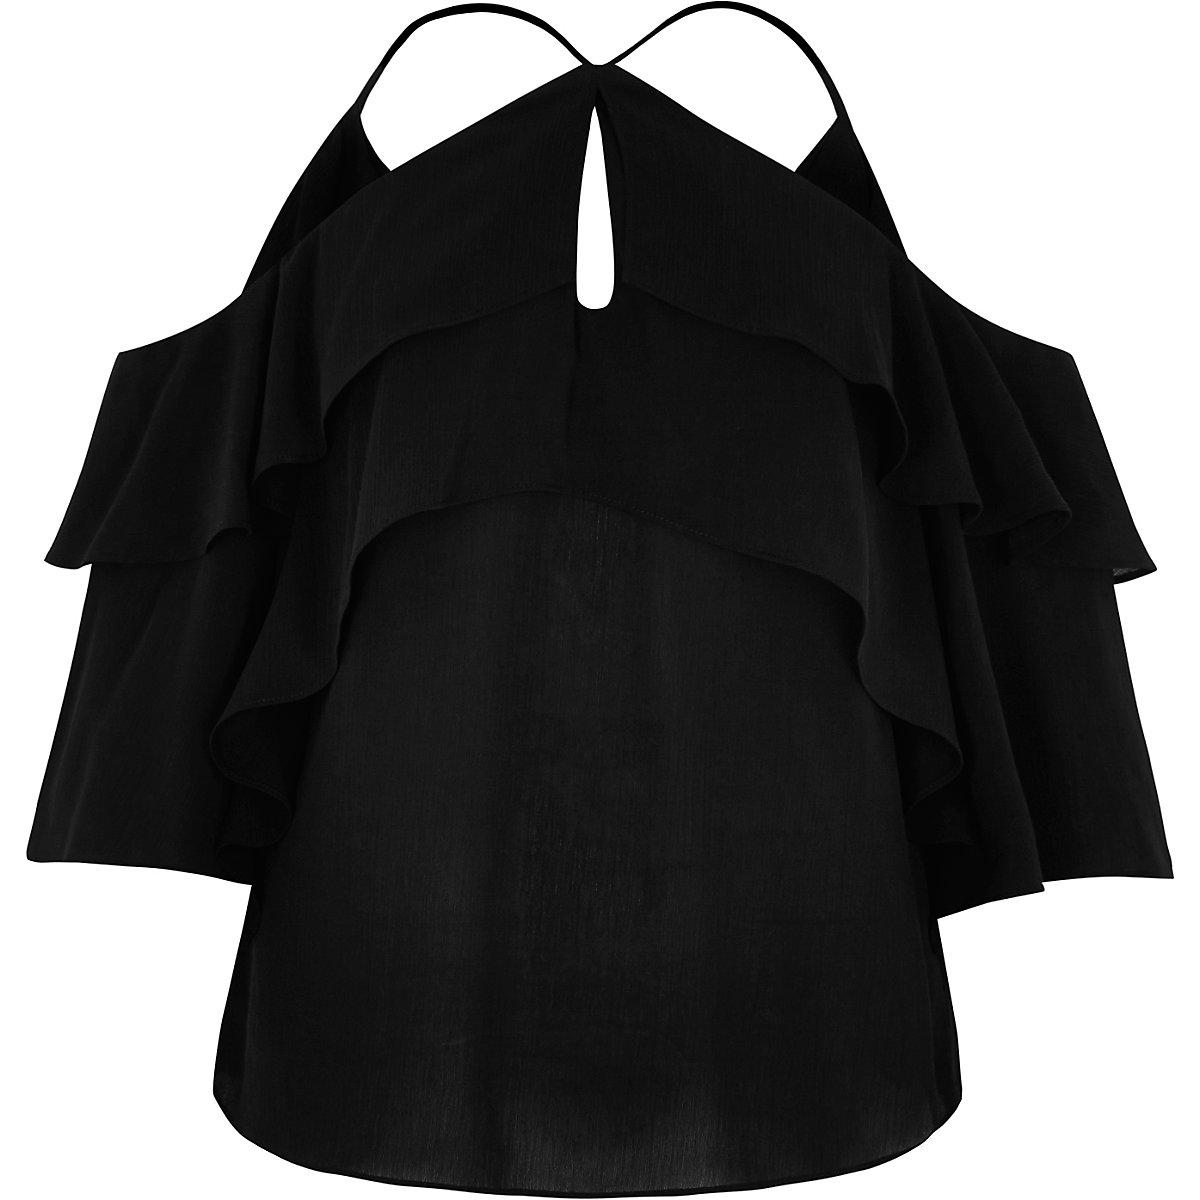 Black frill cold shoulder blouse